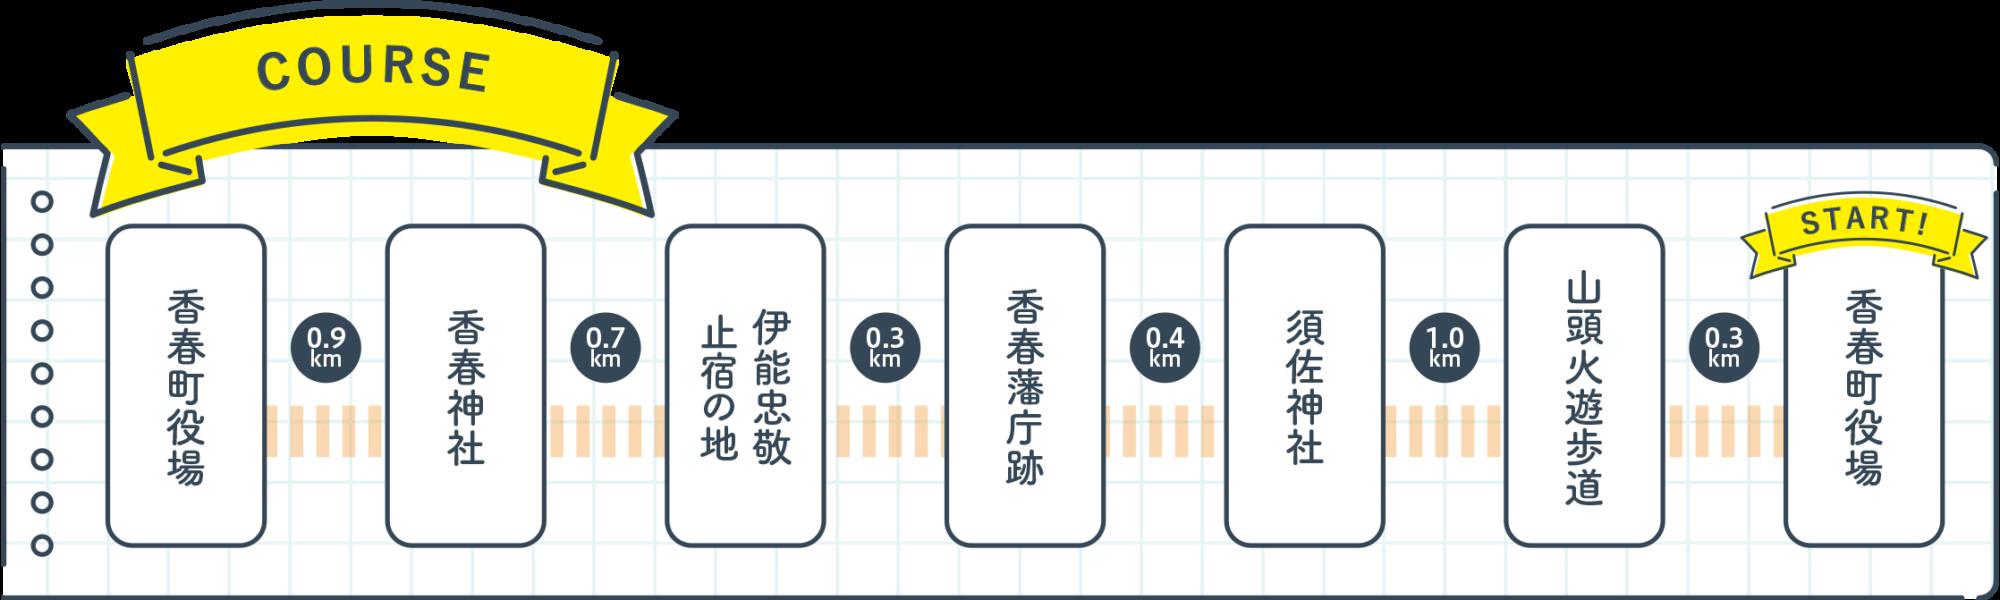 モデルコース11<br />コースマップ